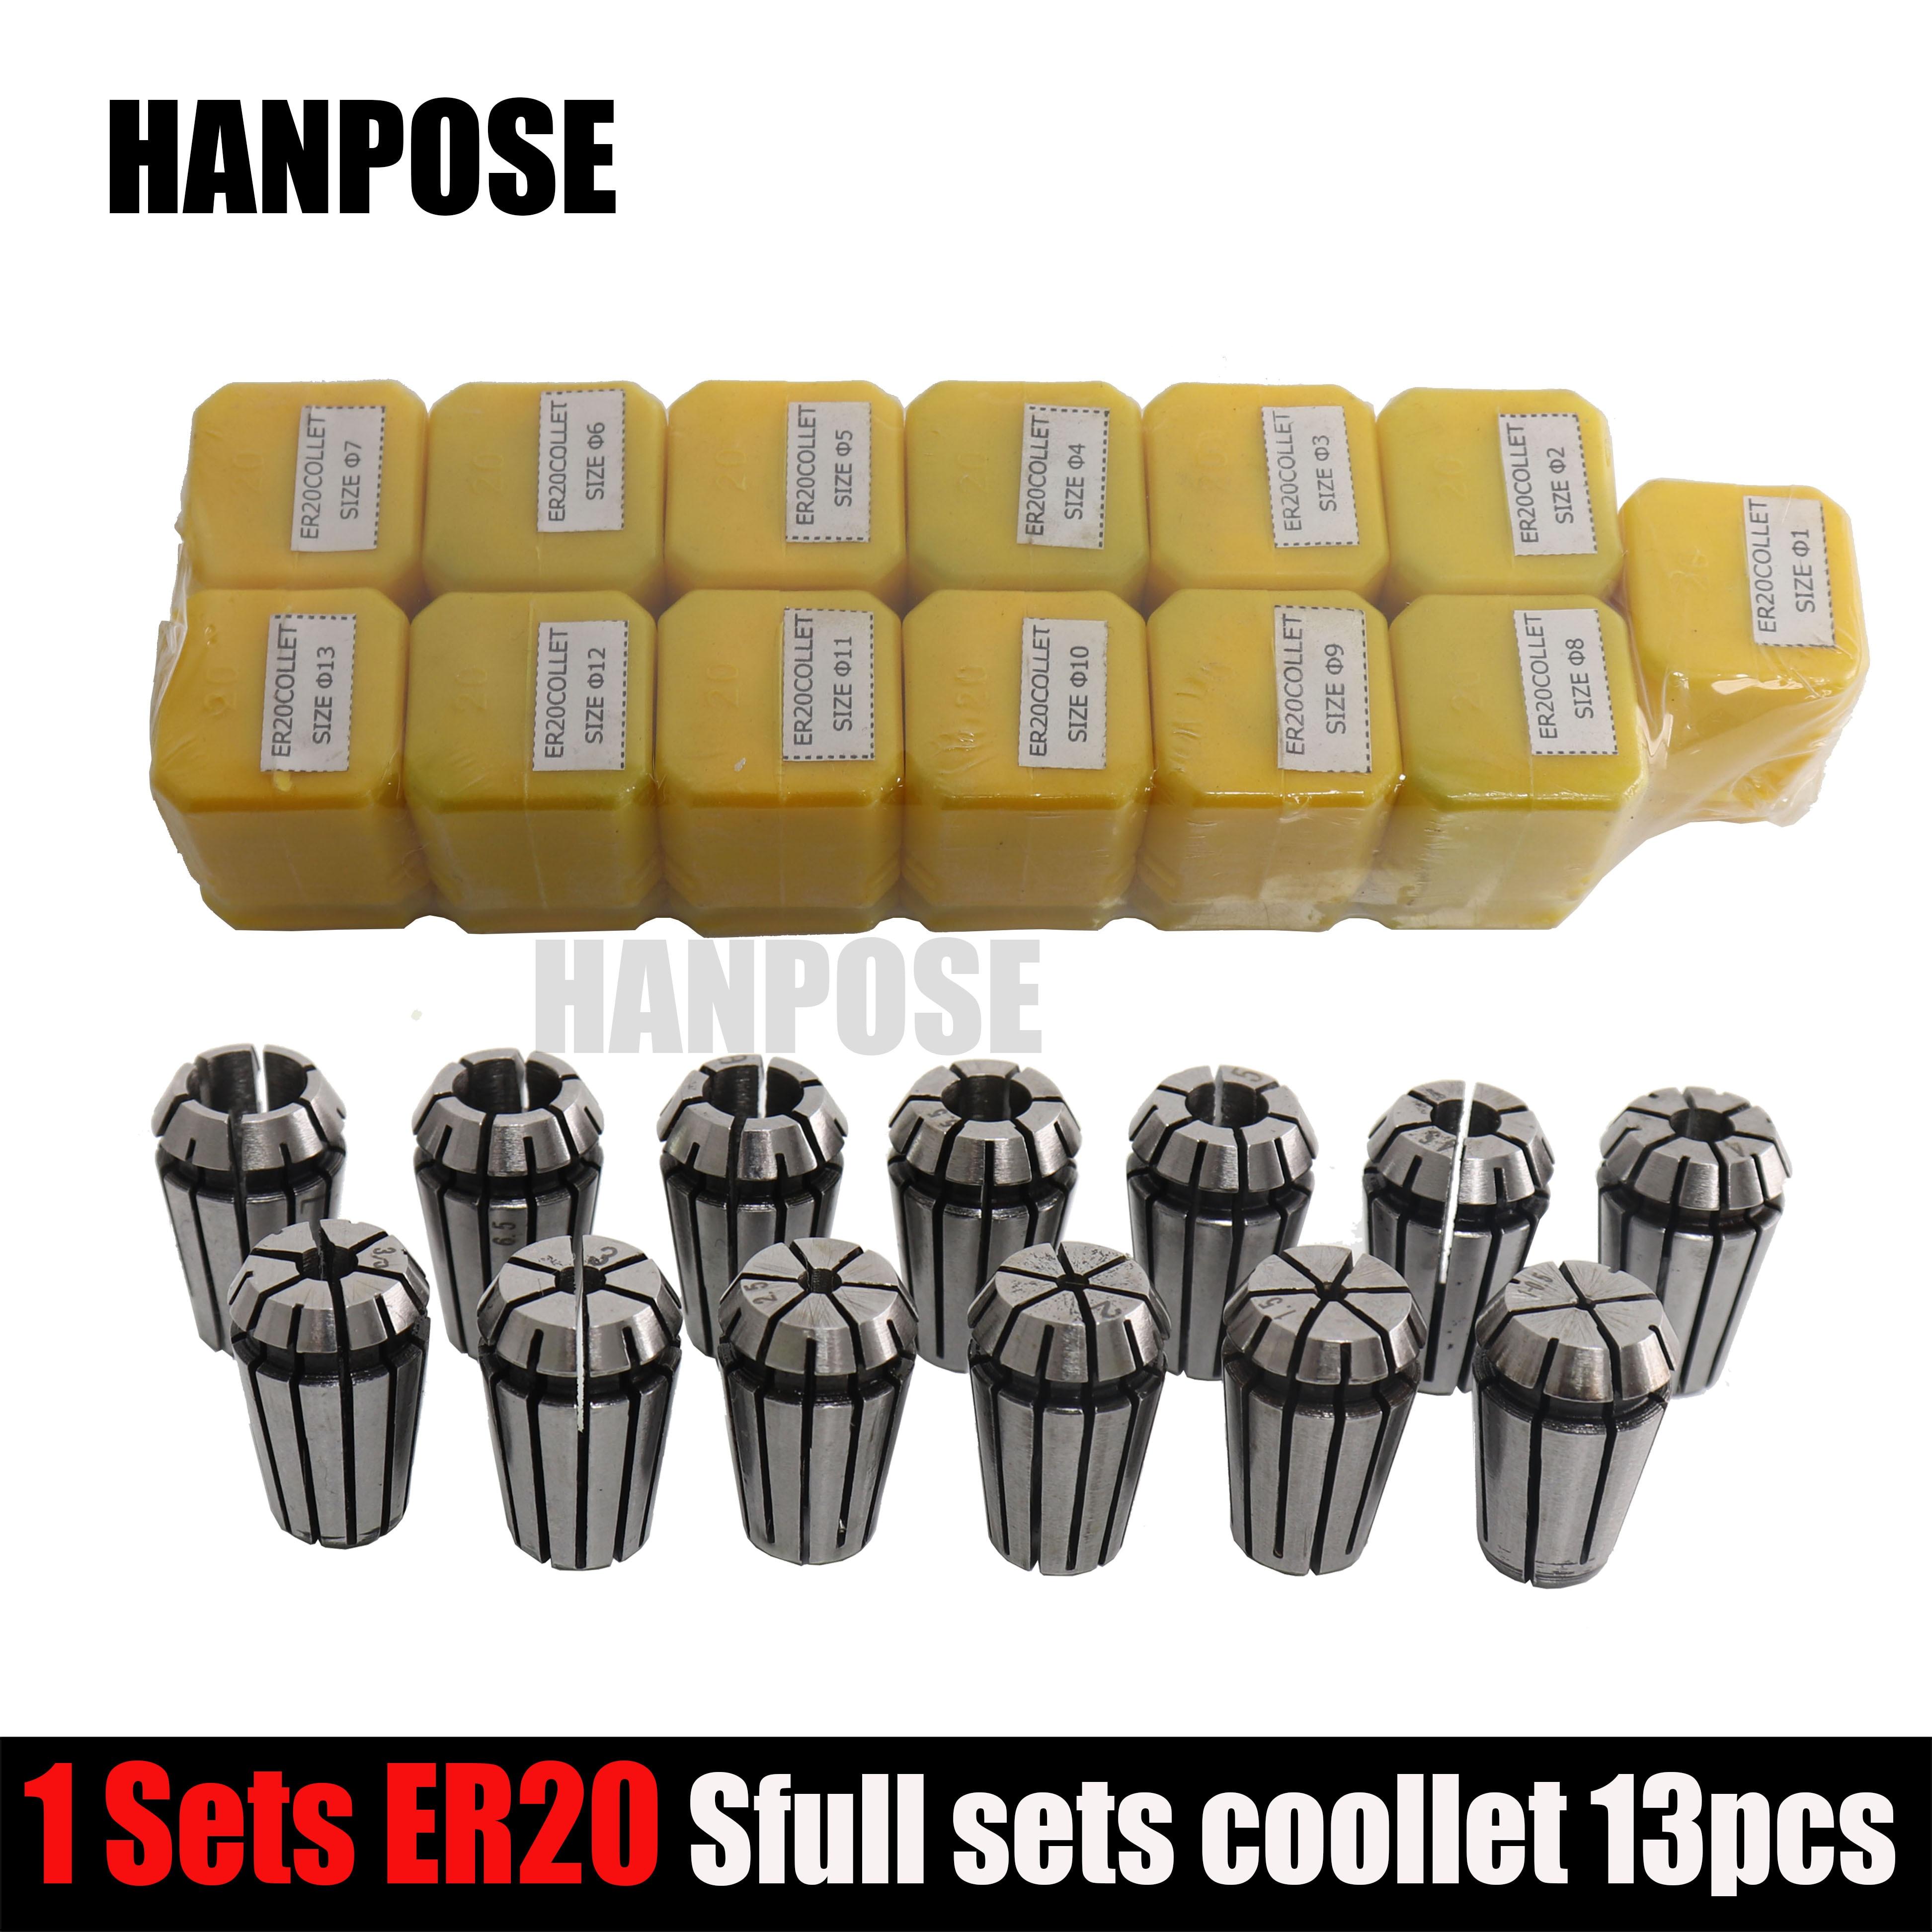 Miglior prezzo 13pcs / set ER20 Set di pinze a molla di precisione - Macchine utensili e accessori - Fotografia 1